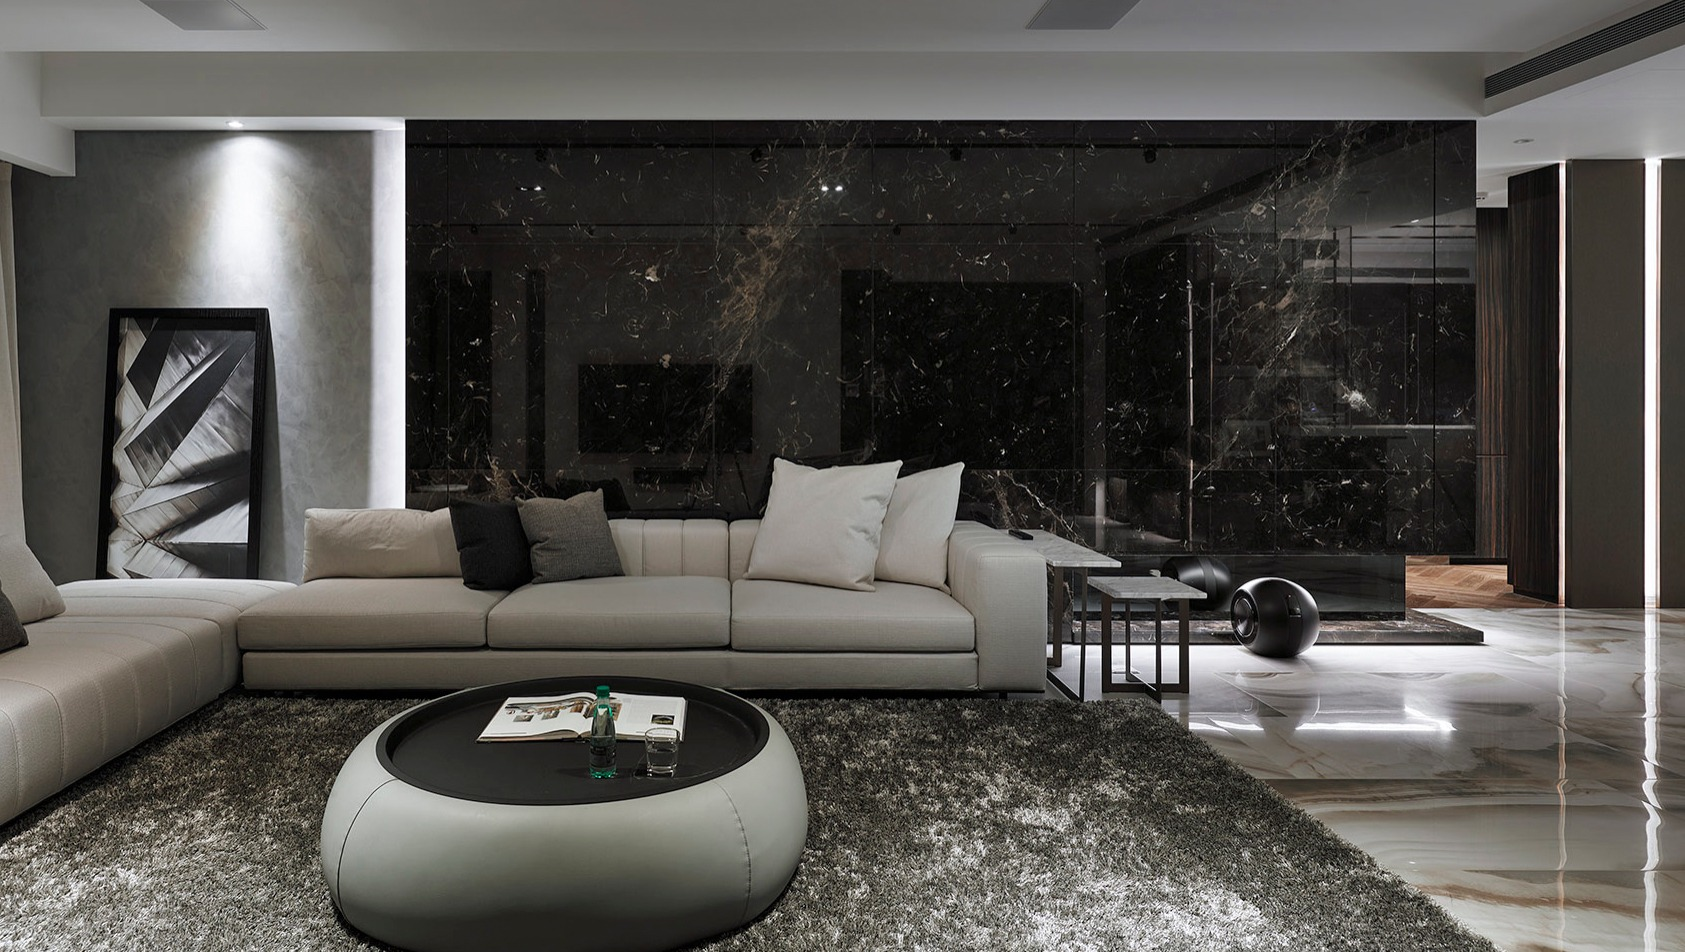 室內設計視頻 Penthouse質感宅 展現百坪氣度現代底蘊